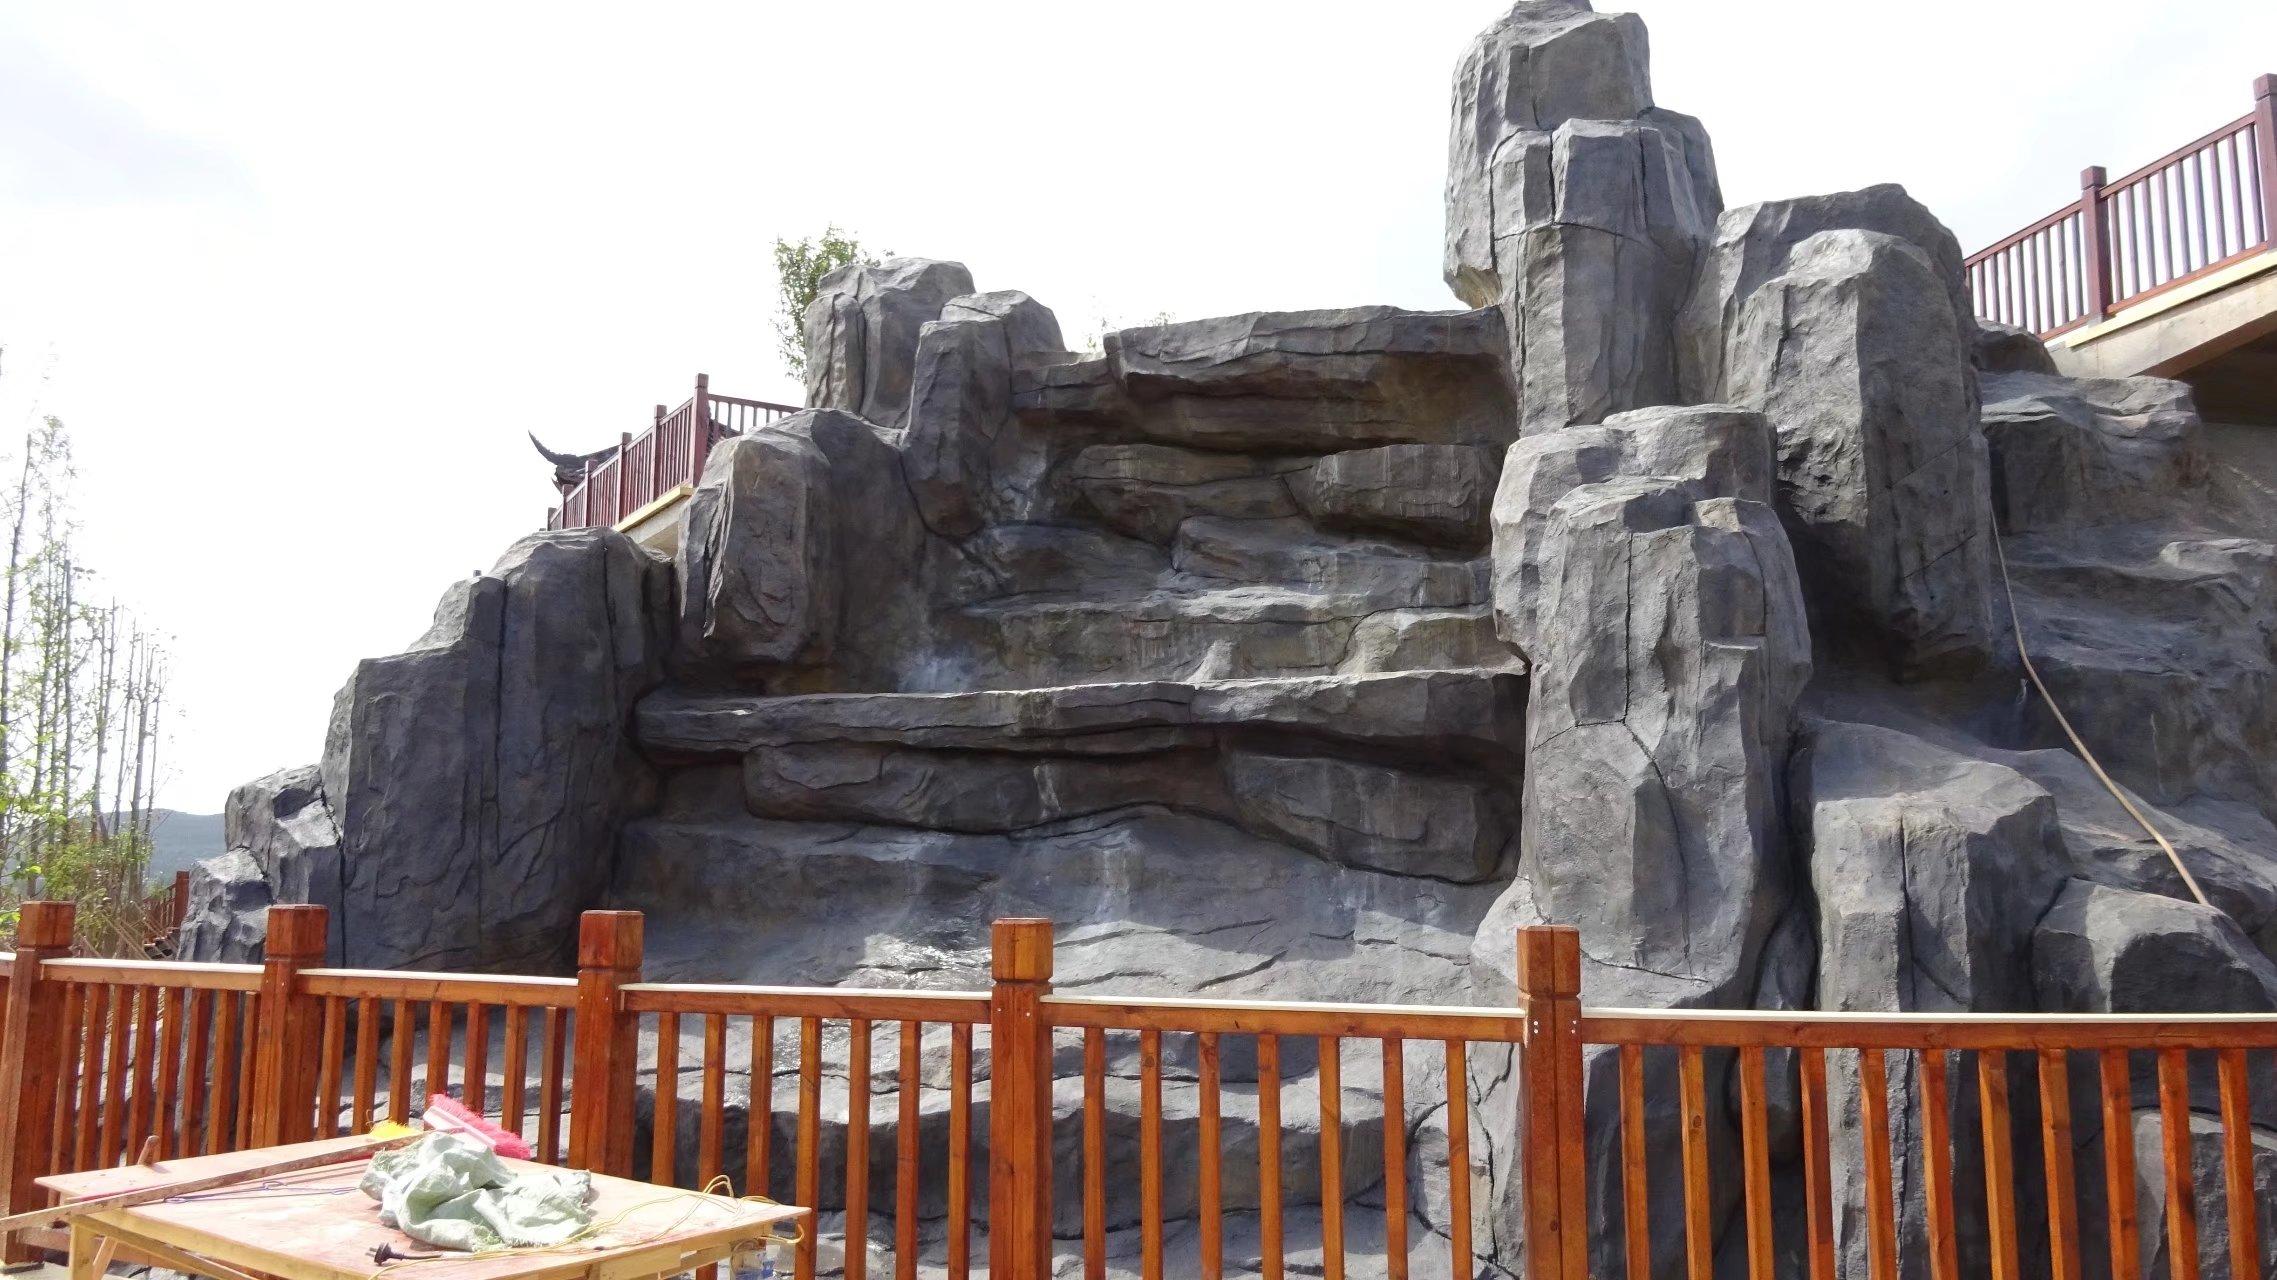 蓬安桑梓火锅公园施工进度(2018-05-10) - 第15张  | 蓬安在线